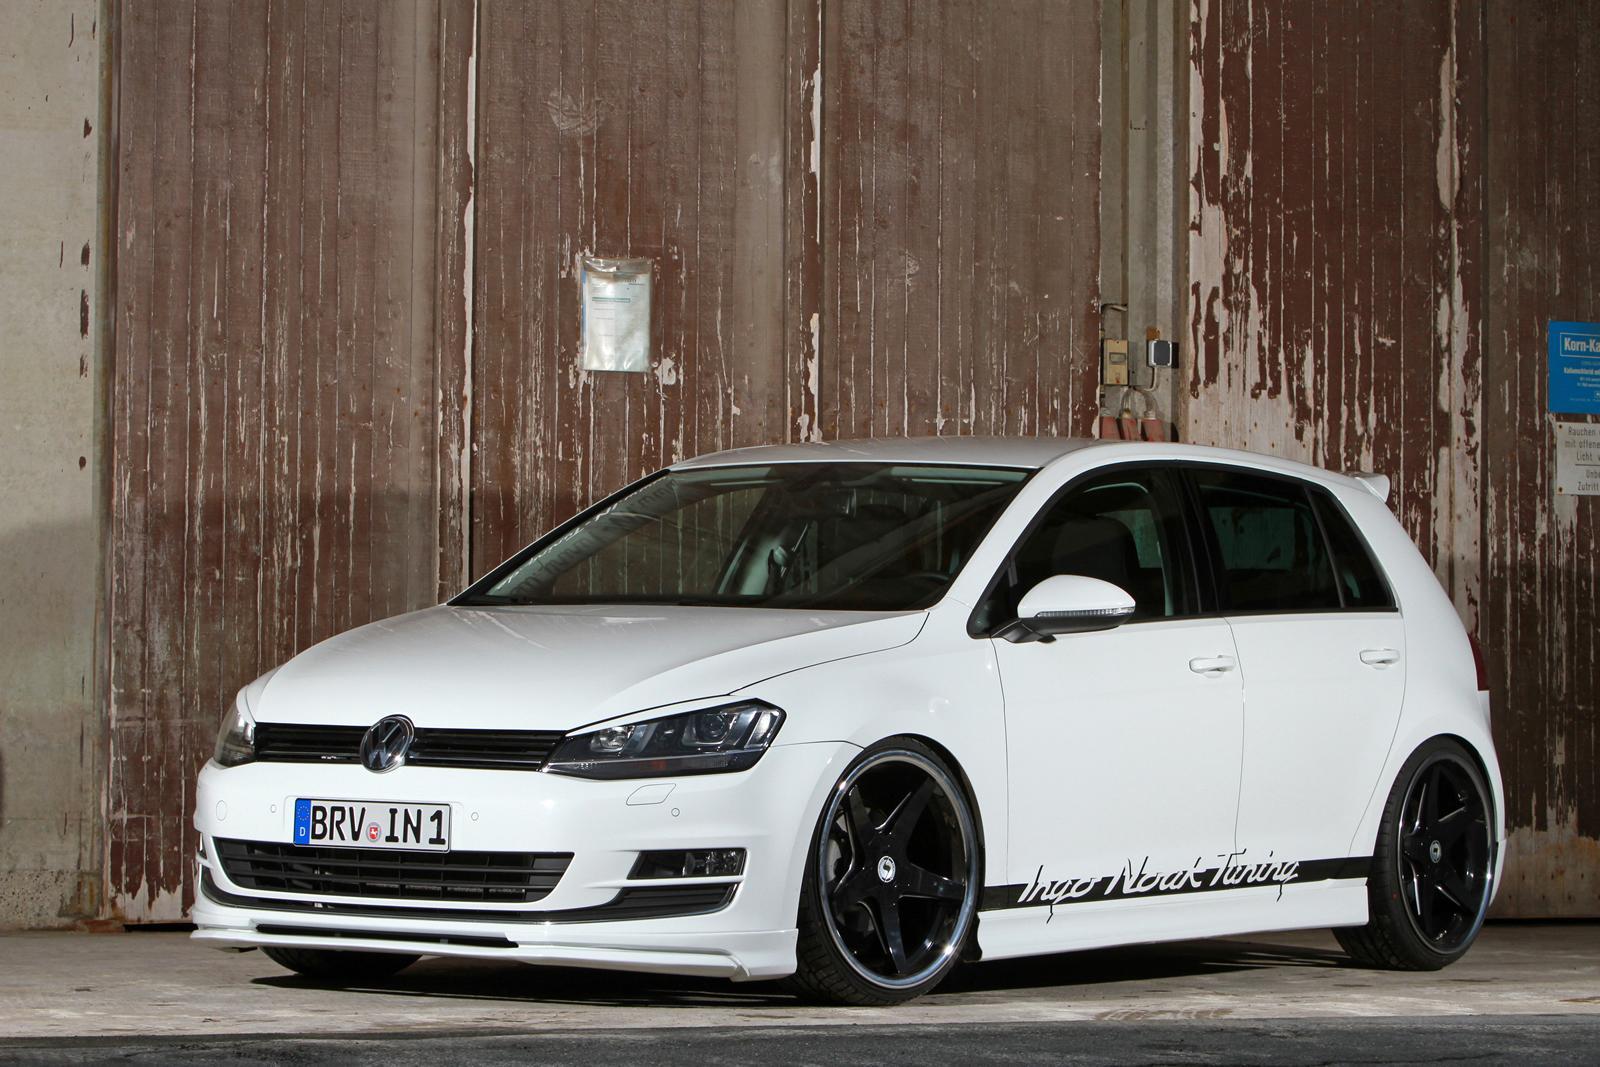 Volkswagen Tuning Ingo Noak Tuned Volkswagen Golf Vii 1 4 Tsi